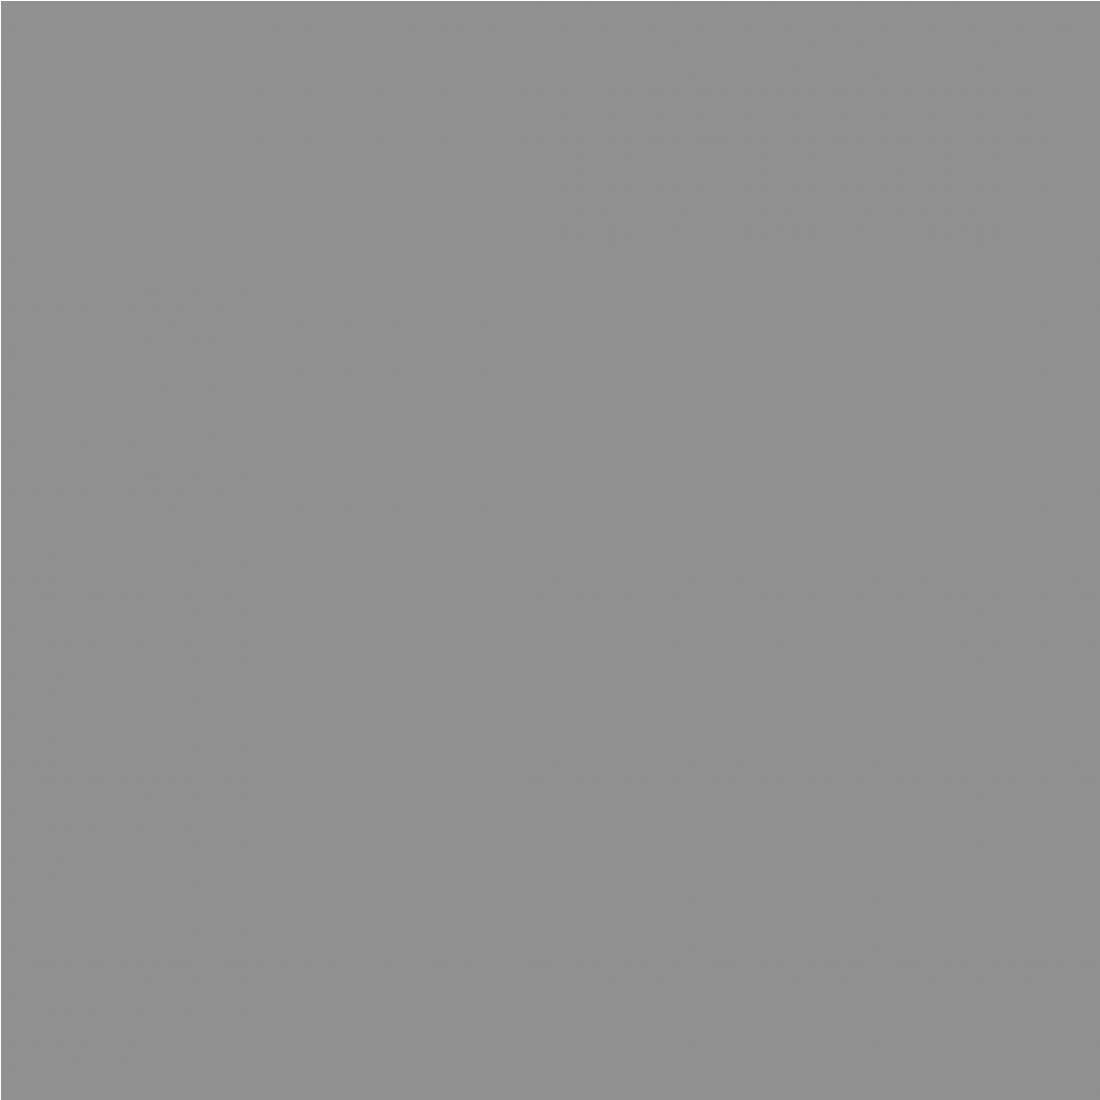 Porcelanato Elizabeth Smoke 74 x 74 HD Polido Ref 01040001002PK7